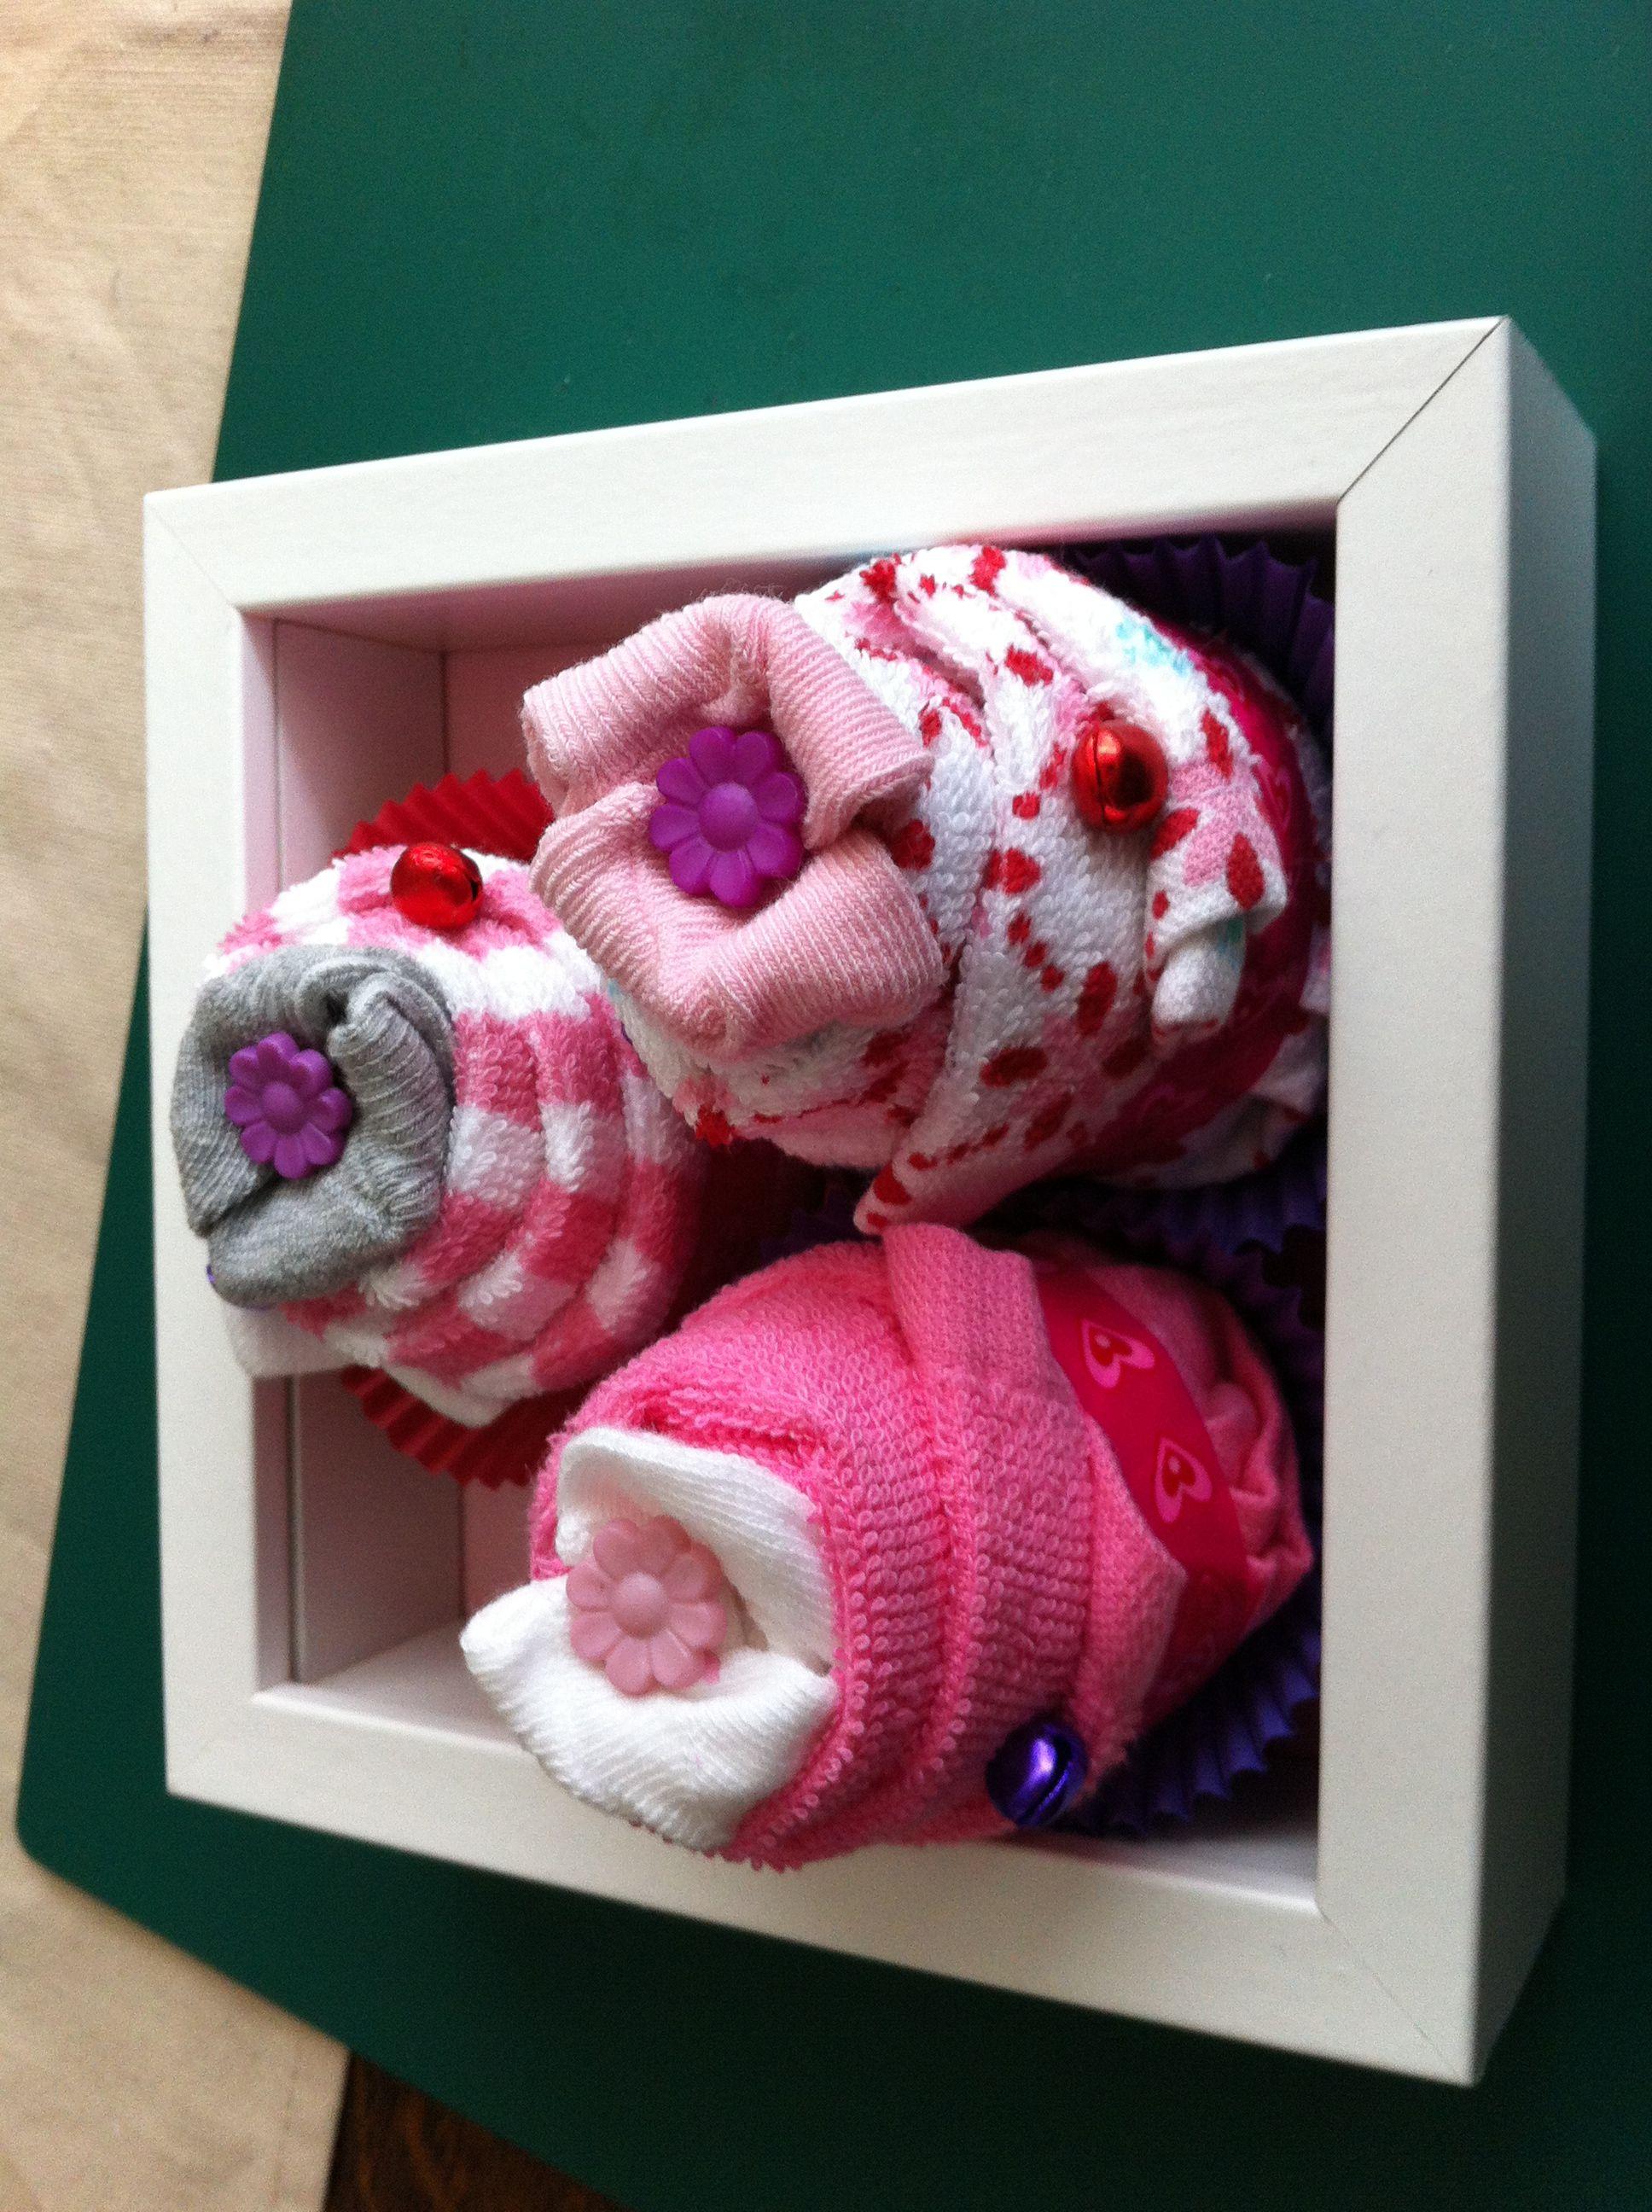 DIY cupcakes: gemaakt van 3 paar sokjes gewikkeld in 3 monddoekjes. Voor de versiering heb ik paperclips gebruikt om de bloemen en belletjes in de cupcake vast te steken. Leuk als kraamcadeau of voor bij een baby shower. De cakejes staan nu in een fotolijstje maar je kunt ze natuurlijk overal in doen.